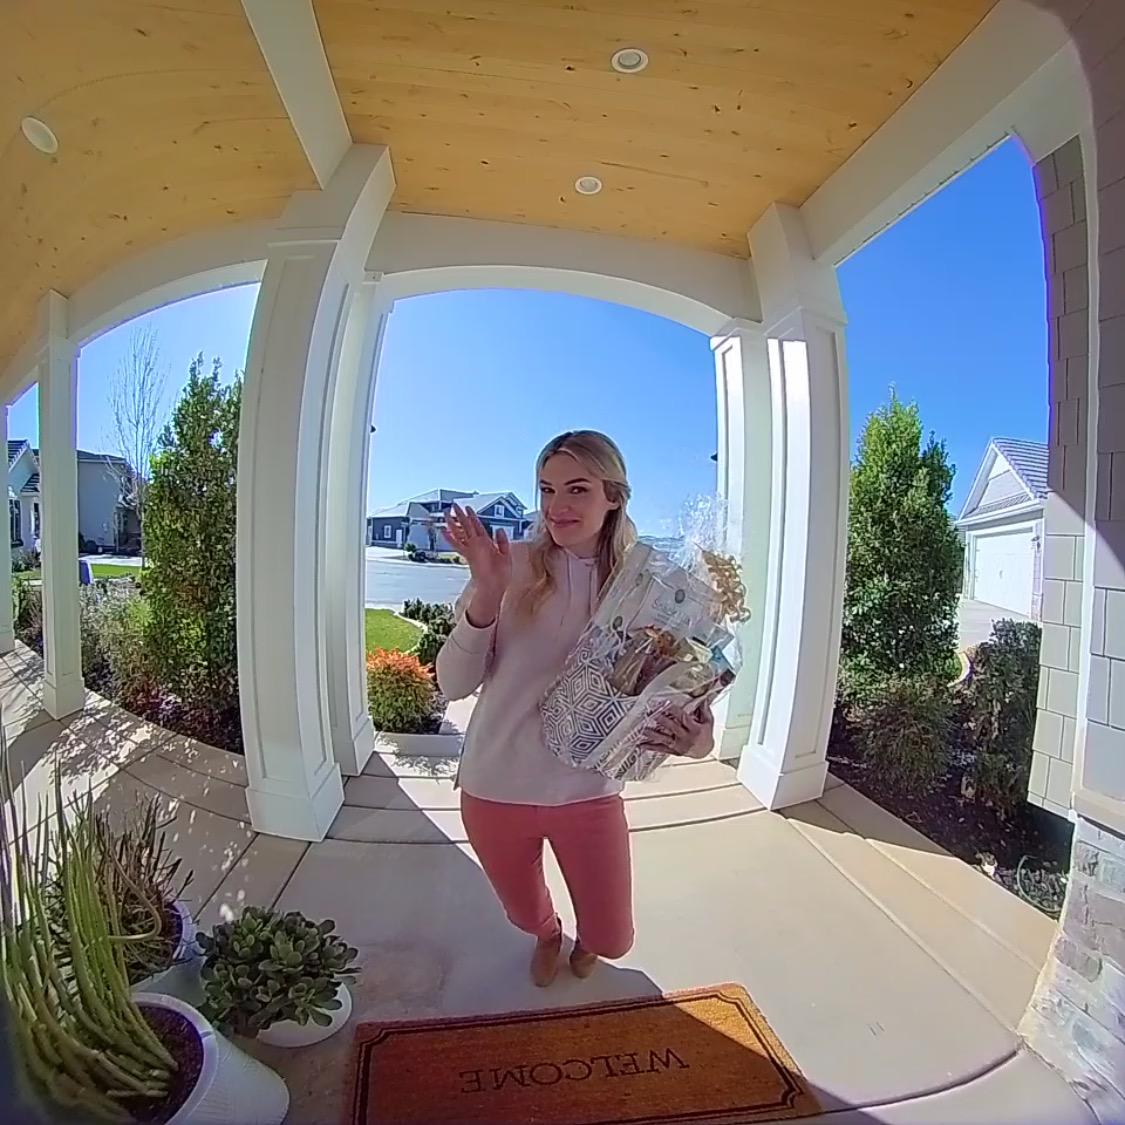 vivint doorbell camera pov woman